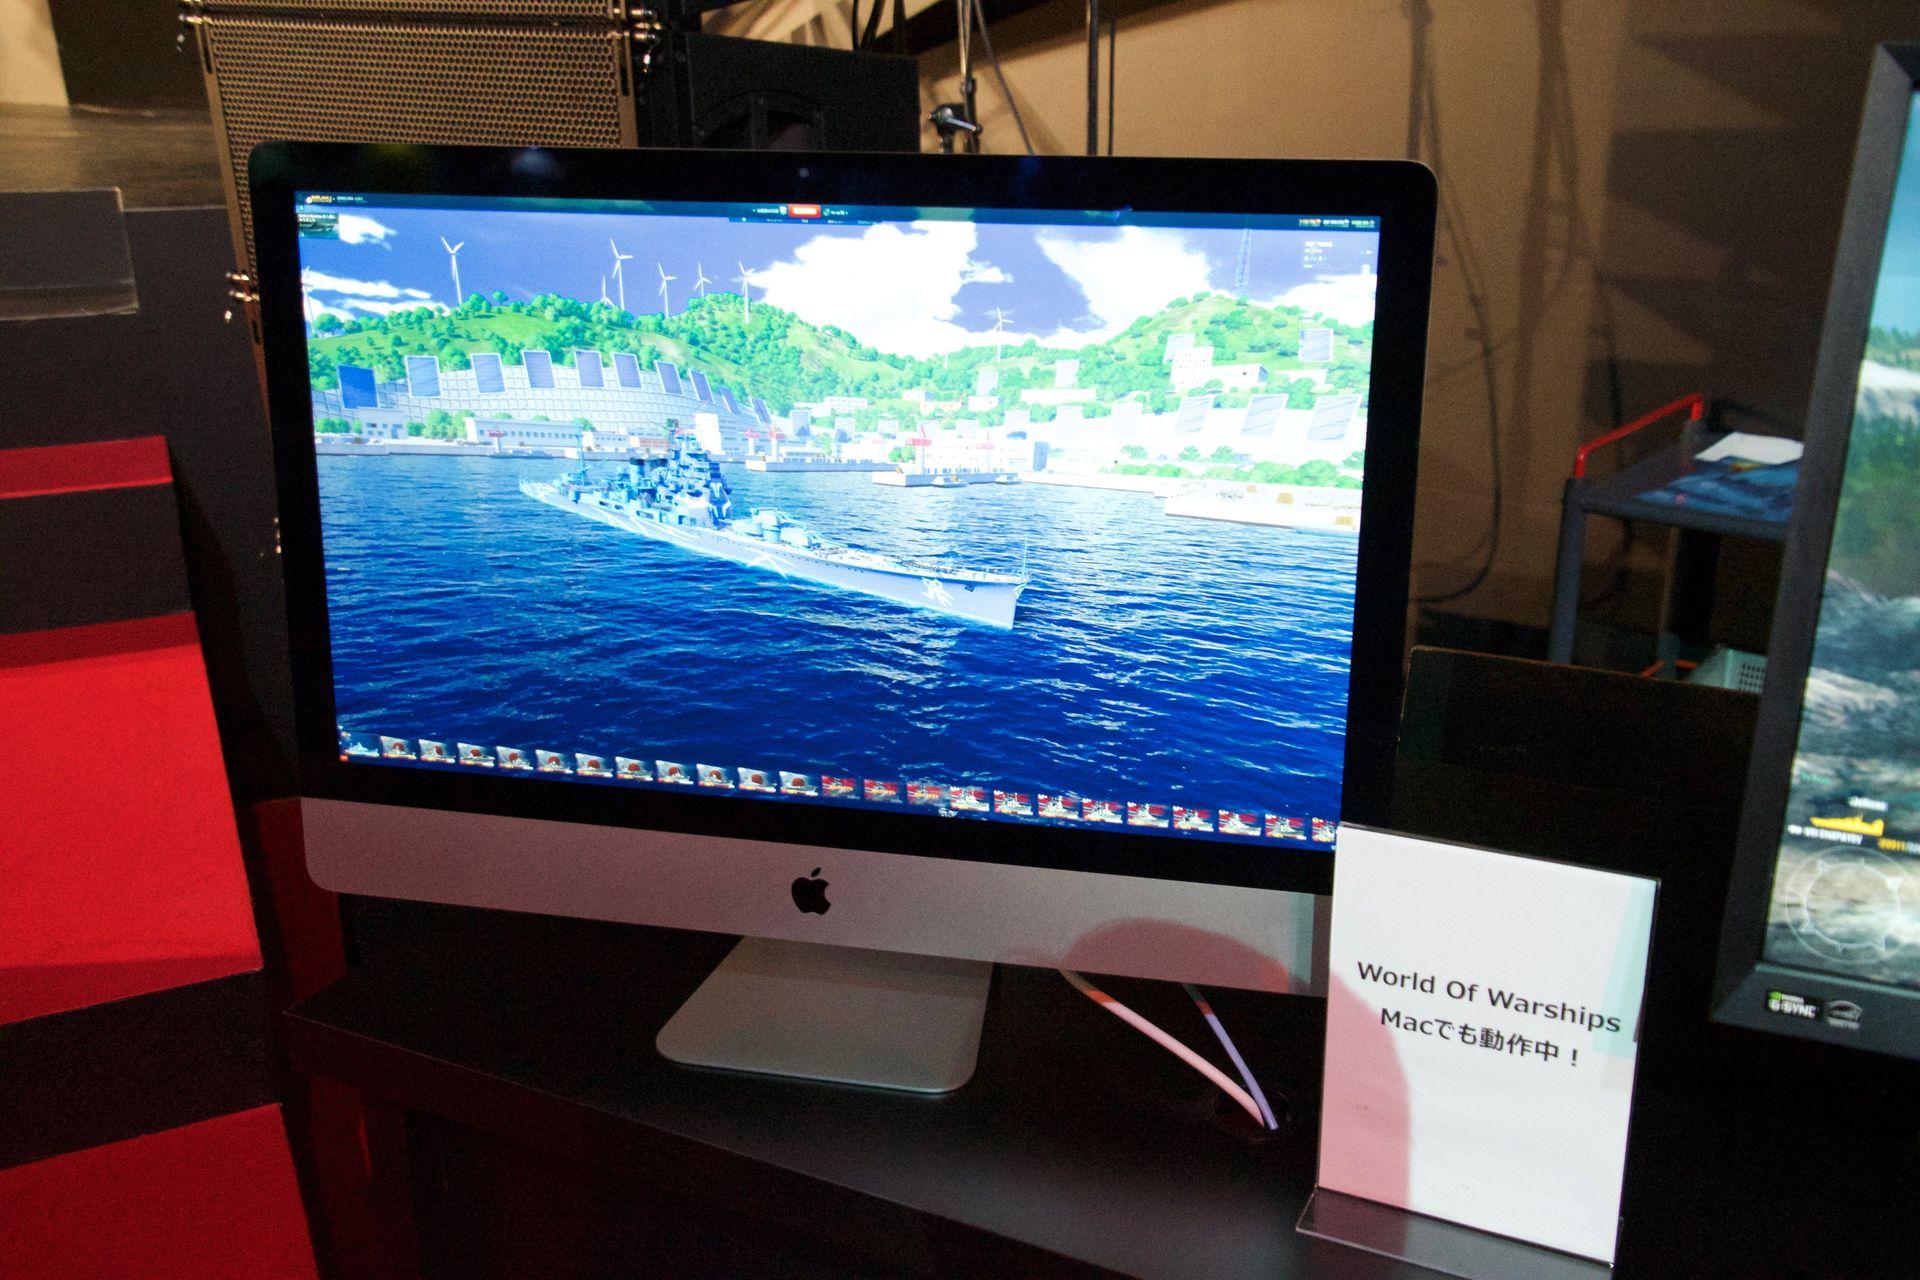 さらに「World of Warships」の試遊台では実装間近の艦艇や、アルペジオコラボ艦の新作高雄も見られるようになっている